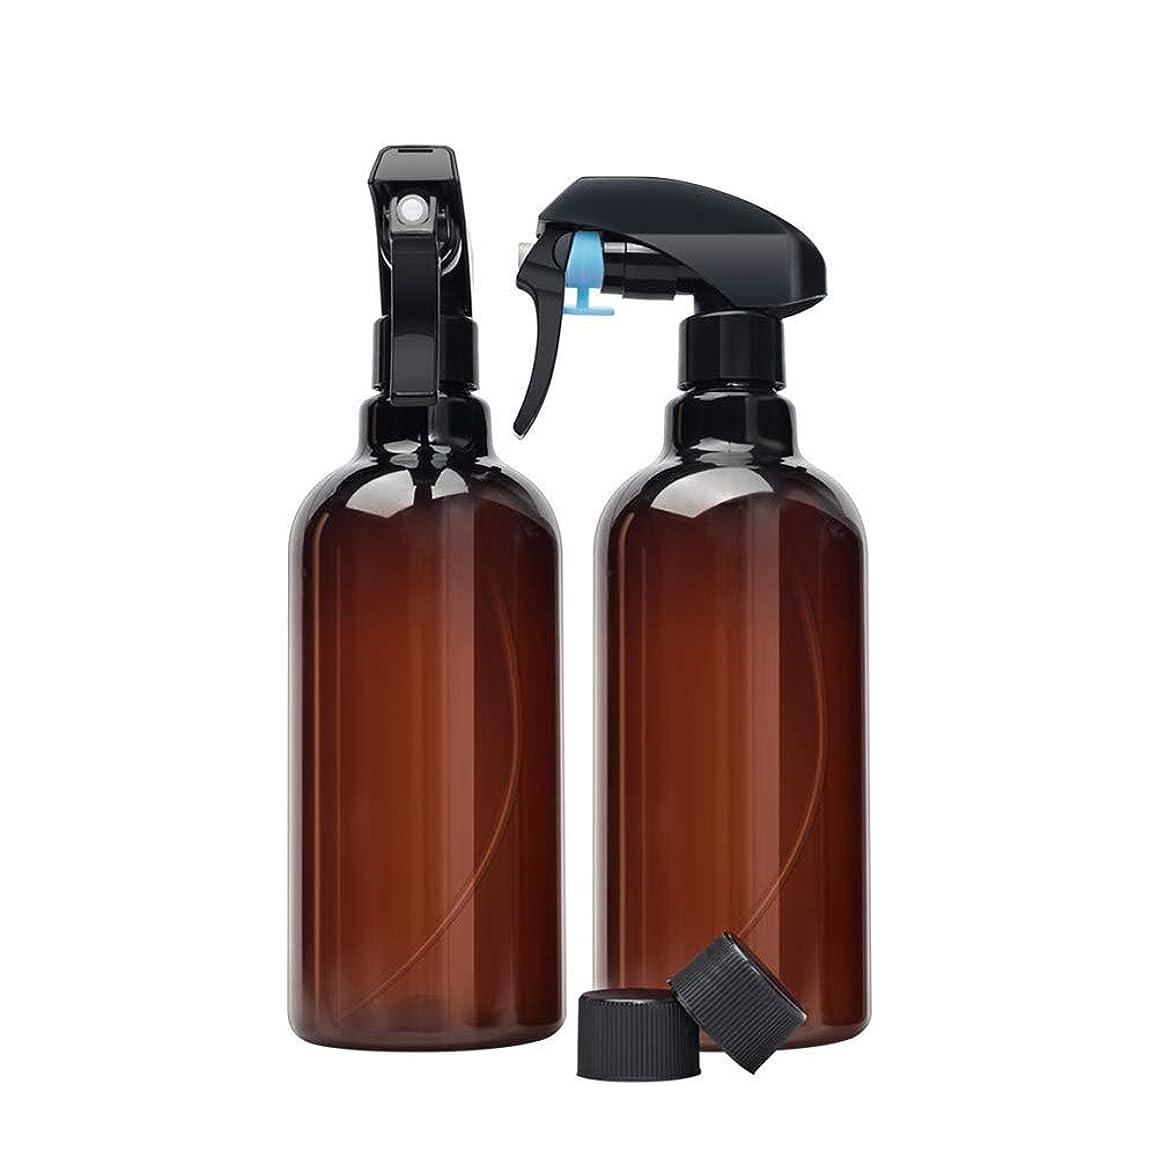 なくなる自宅で探検消毒スプレーボトル、空の暗いplastic色のプラスチックスプレーボトル(2パック)-クリーニング解像度のバックル付き16オンスBPAフリー